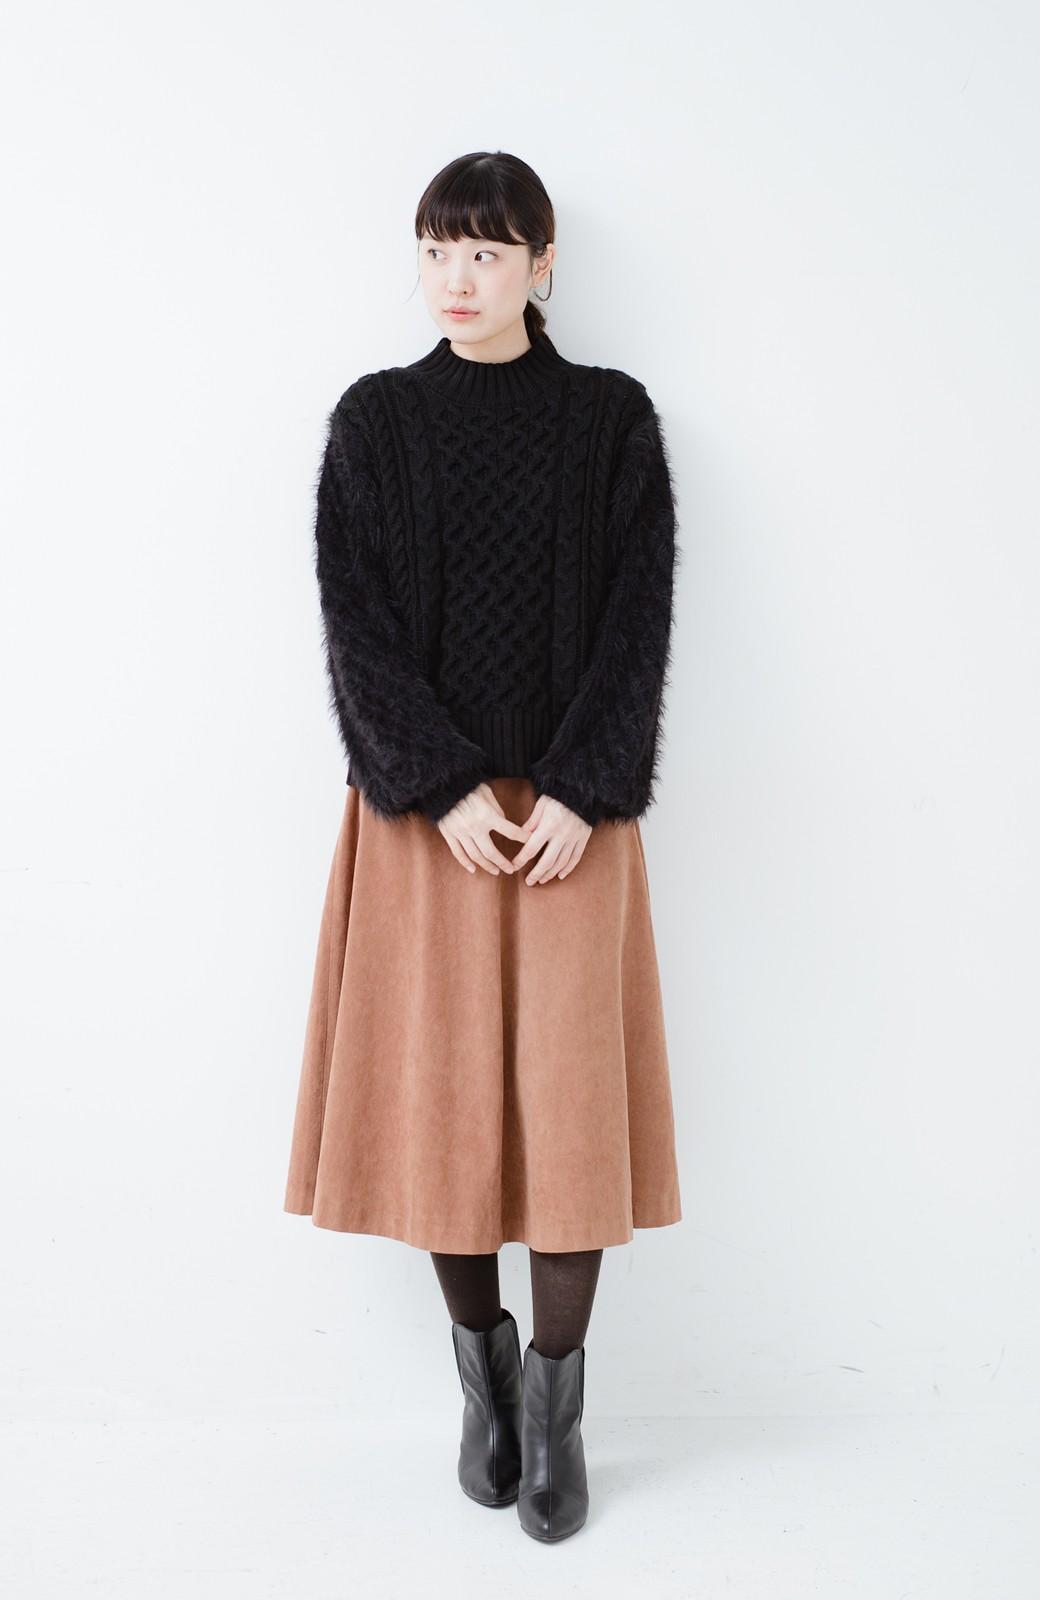 haco! ケーブル編みの袖フェザーヤーンニットトップス <ブラック>の商品写真5